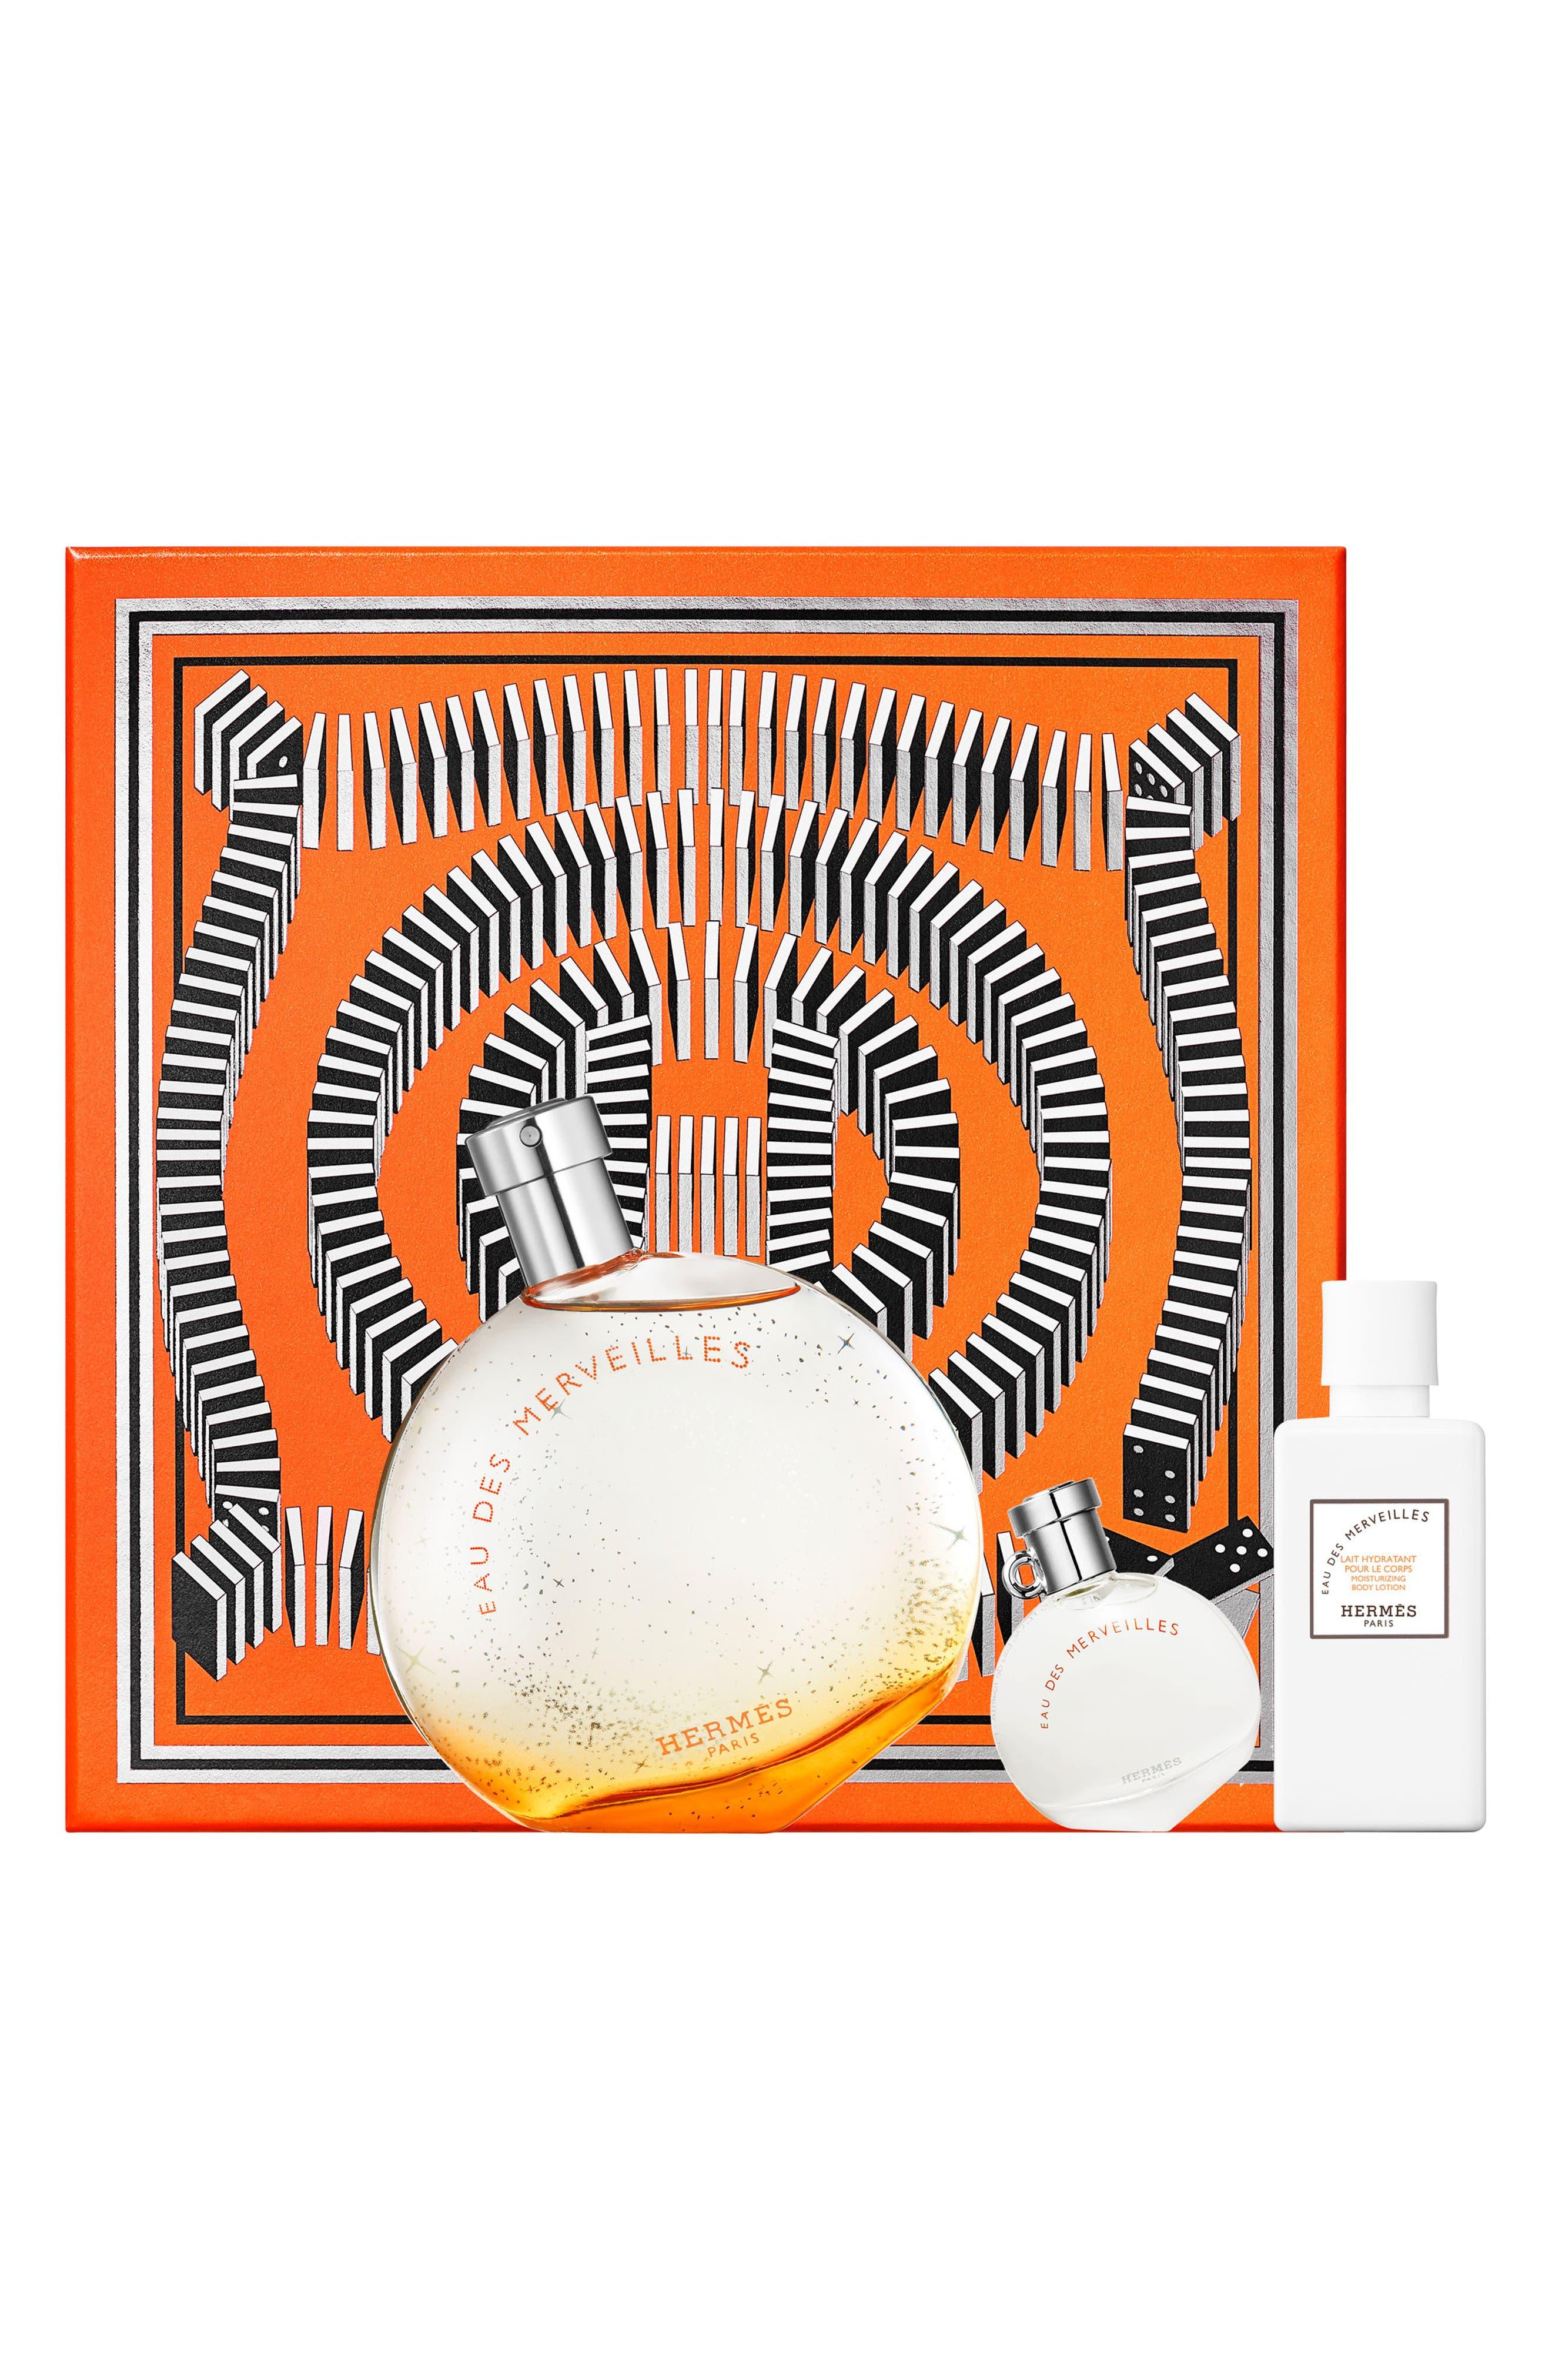 Hermès Eau des Merveilles - Eau de toilette gift set